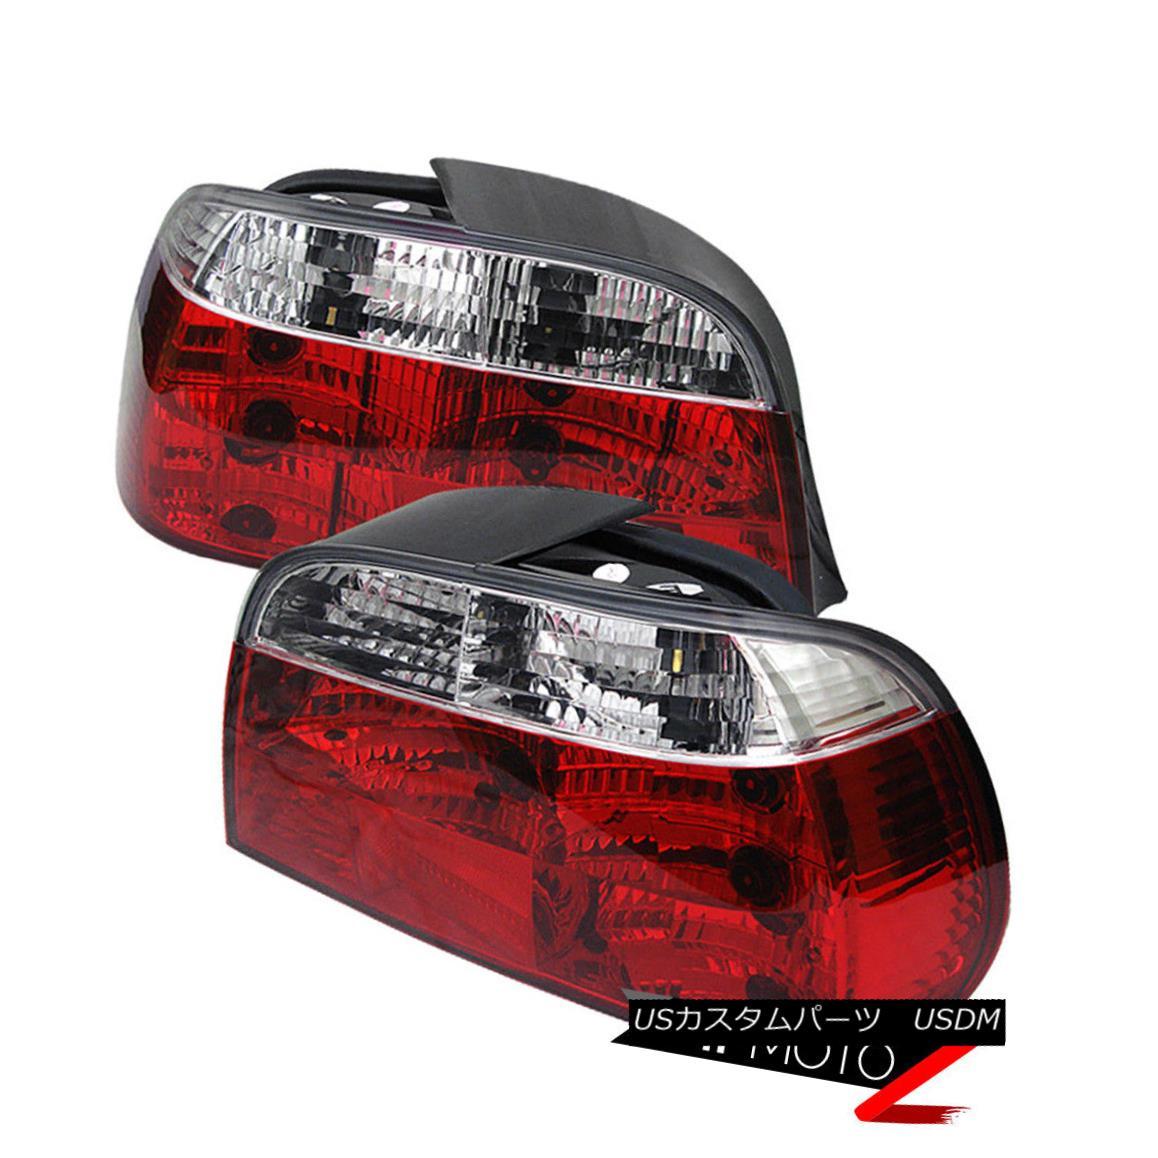 テールライト 95-01 BMW E38 7-Series $HIGH END$ Red Clear Tail Lights Lamps Rear Brake Pair 95-01 BMW E38 7シリーズ$ HIGH END $レッドクリアテールライトランプリアブレーキペア